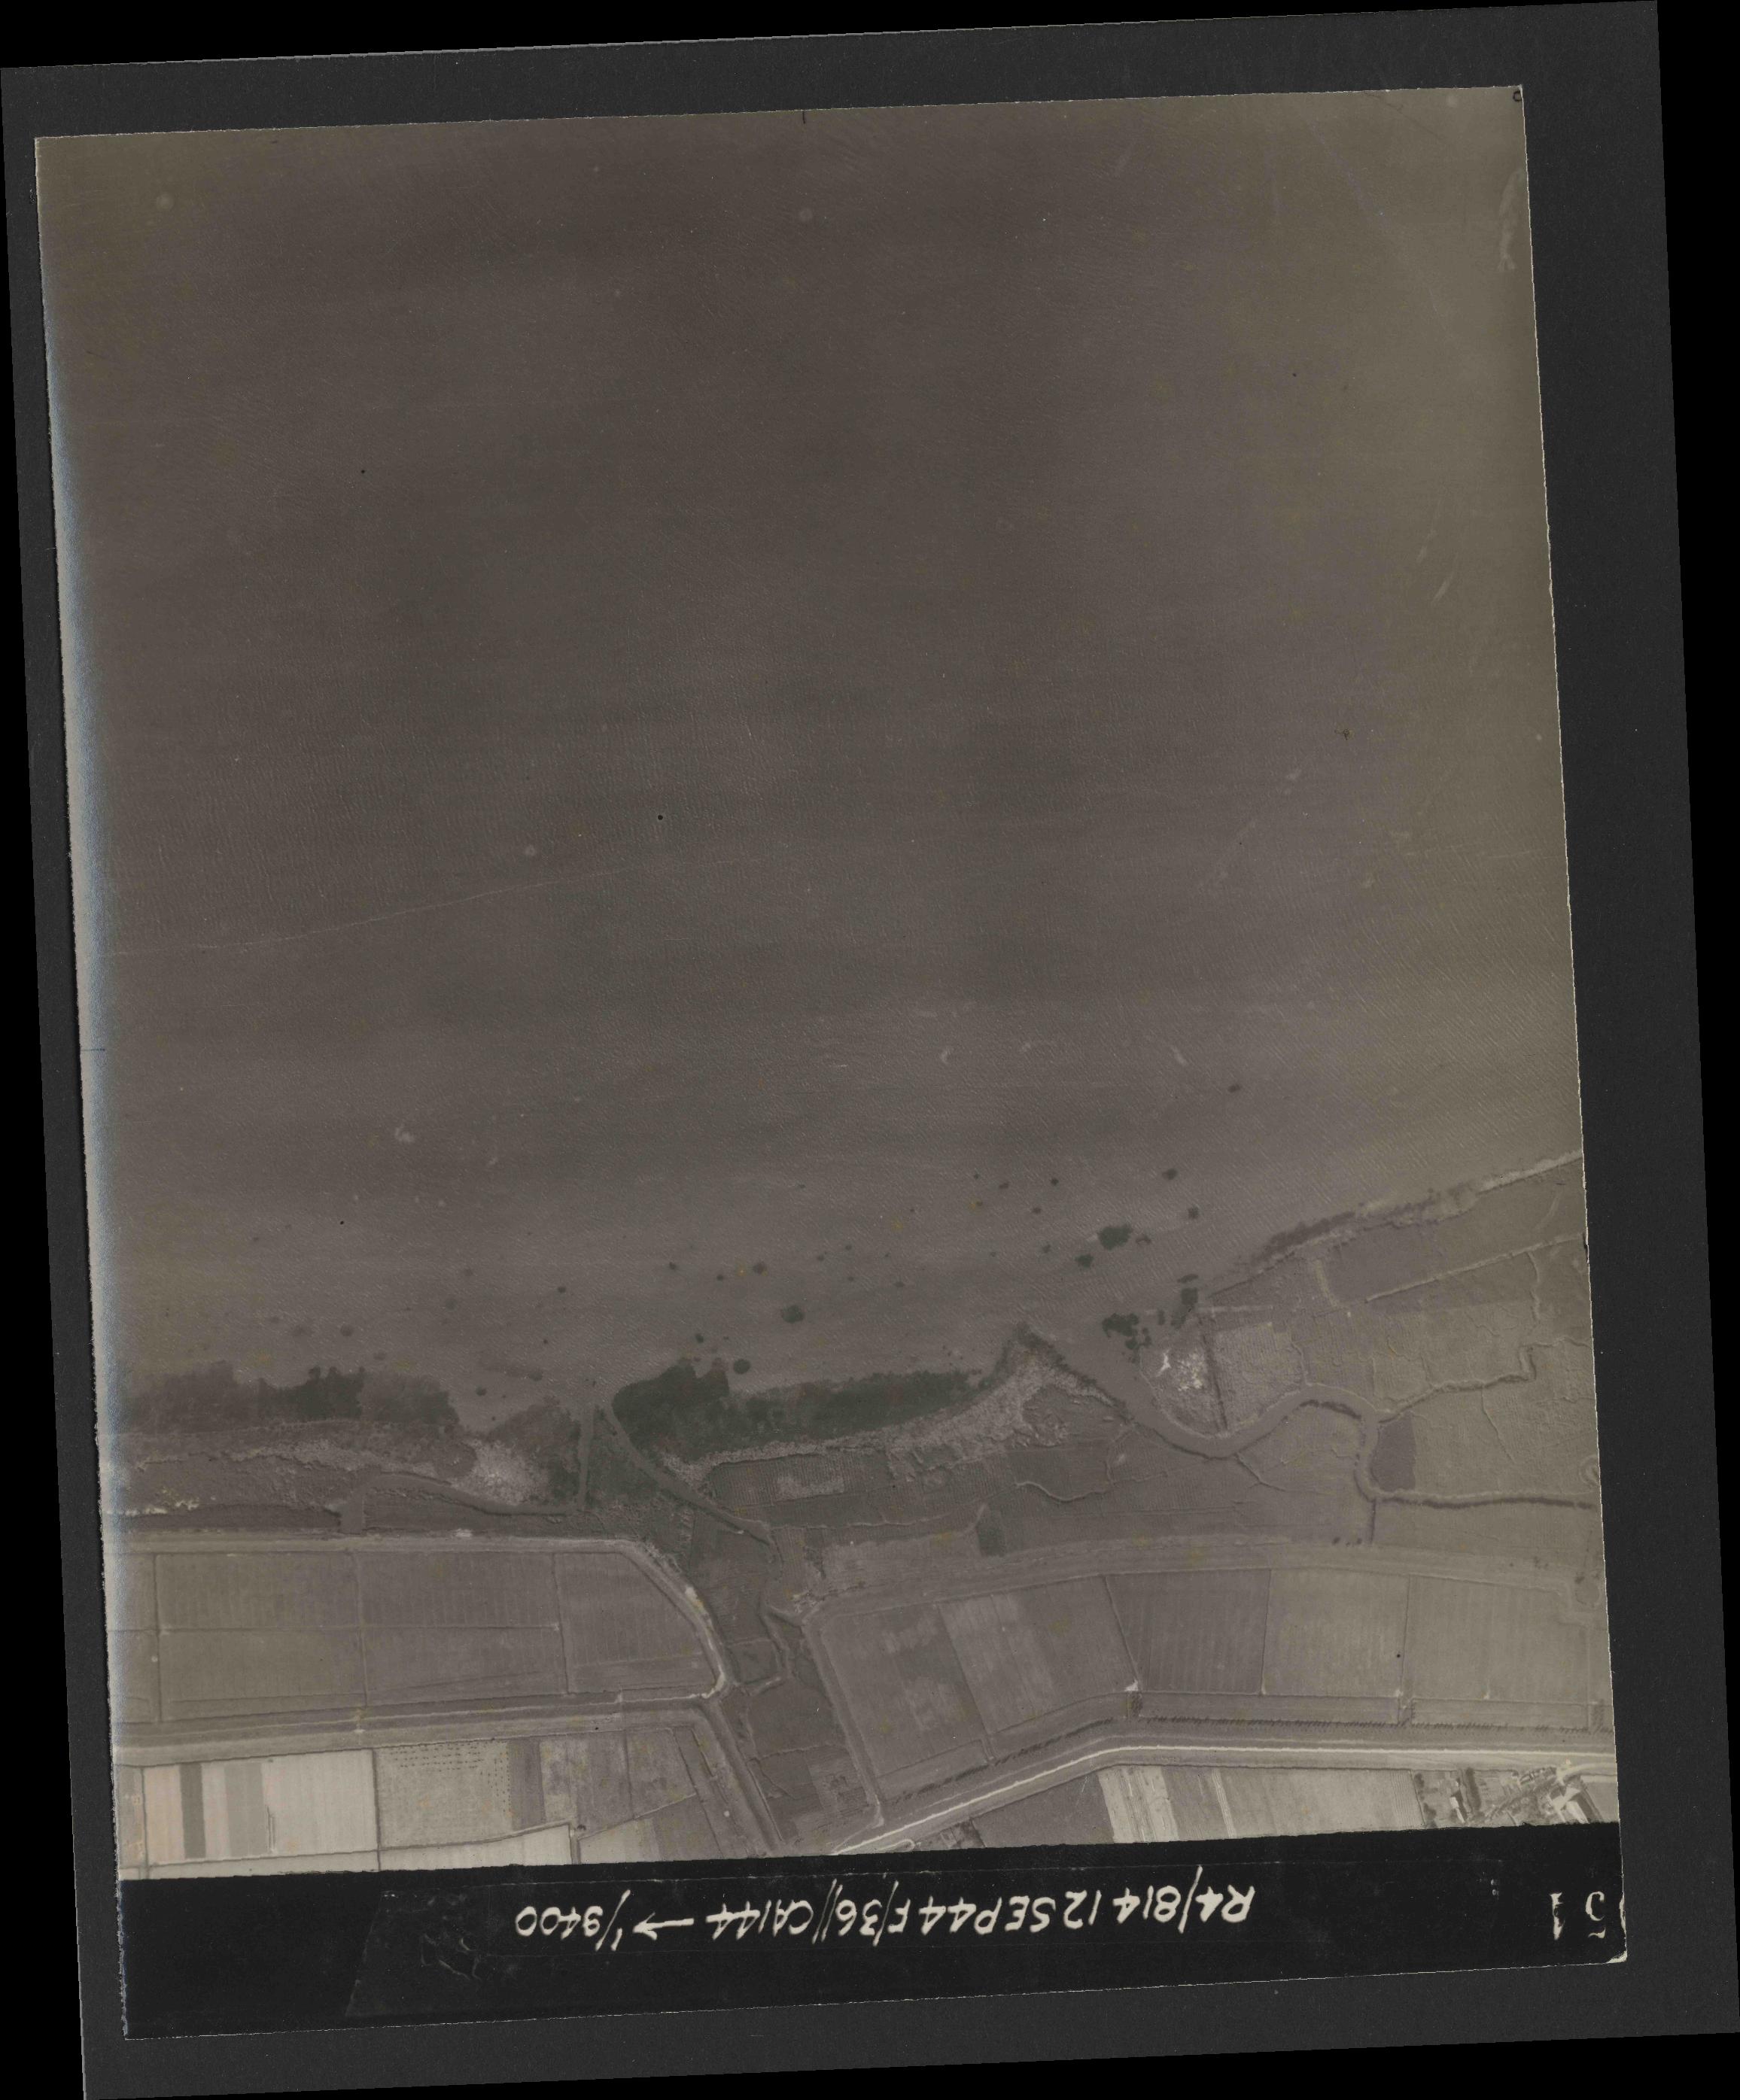 Collection RAF aerial photos 1940-1945 - flight 333, run 01, photo 3054